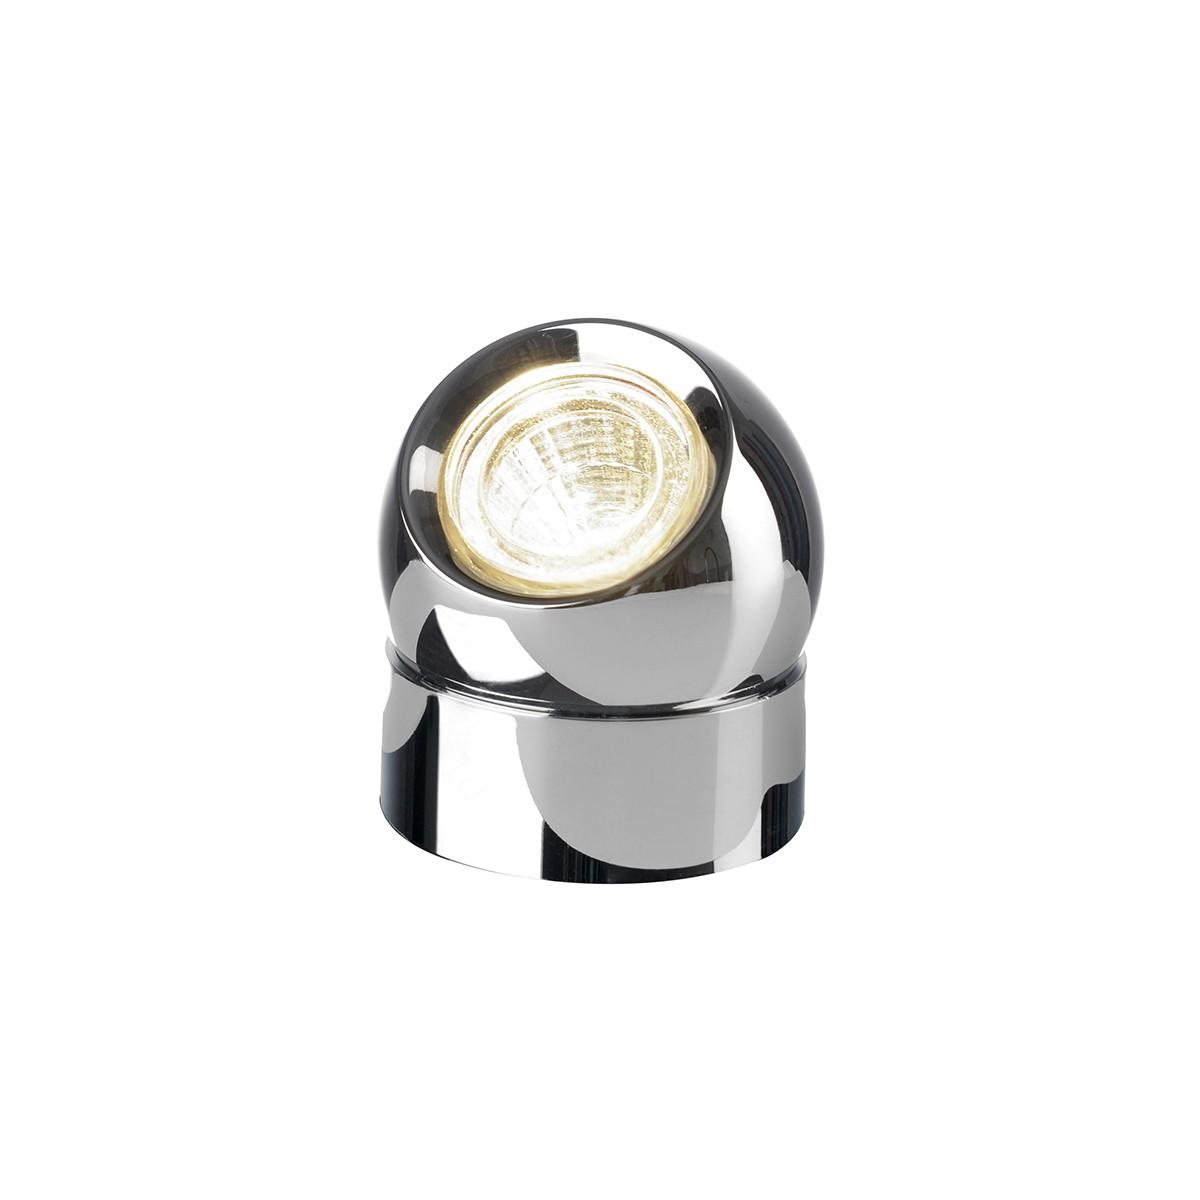 Sompex Tarly 87551 LED Tischleuchte, Chrom